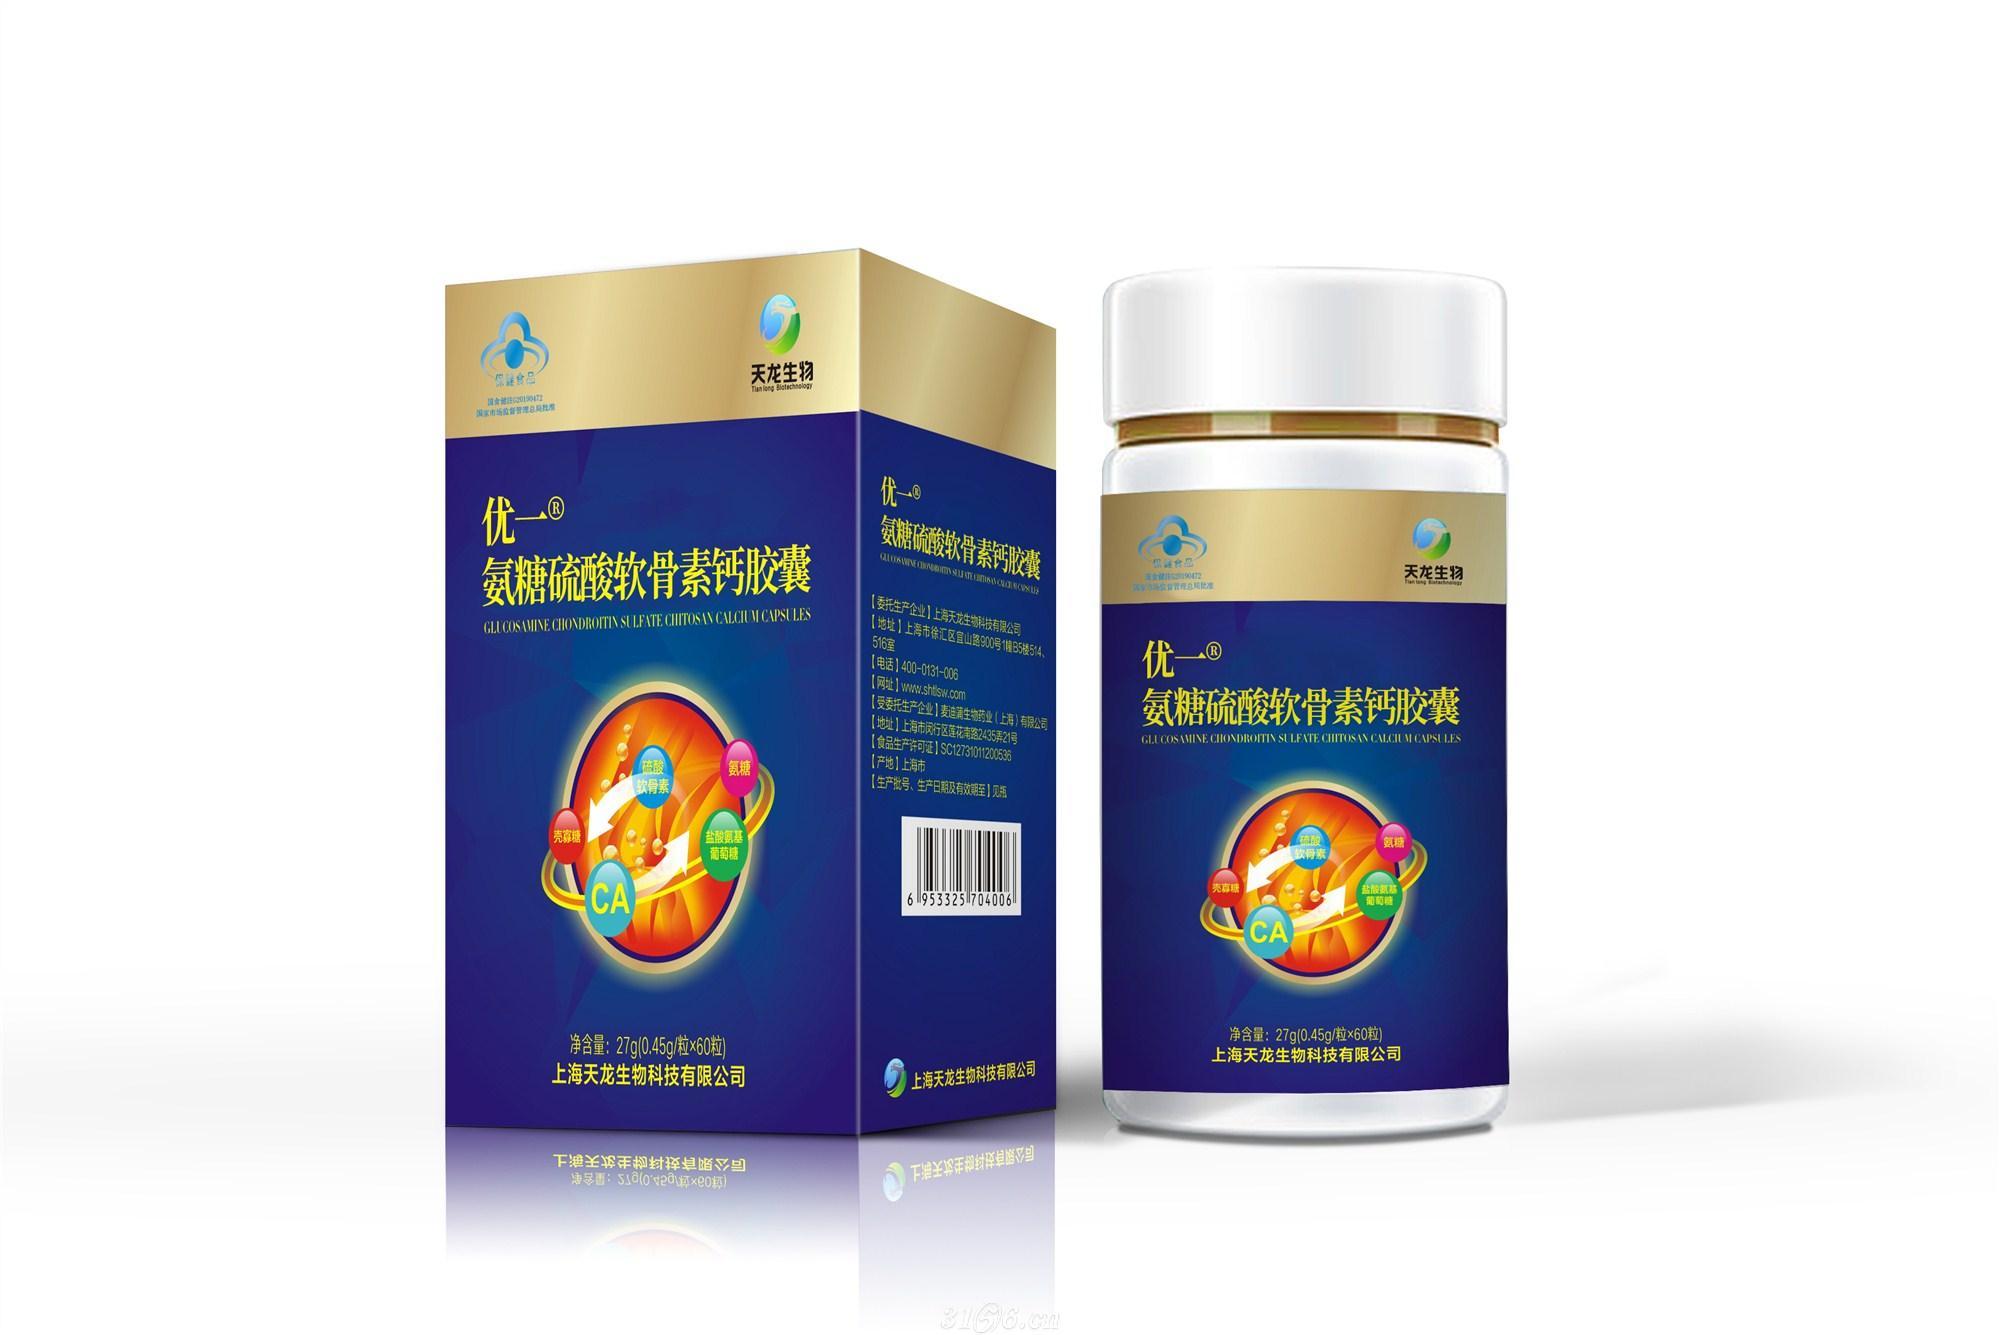 优一牌氨糖硫酸软骨素钙胶囊 增加骨密度 新品上市